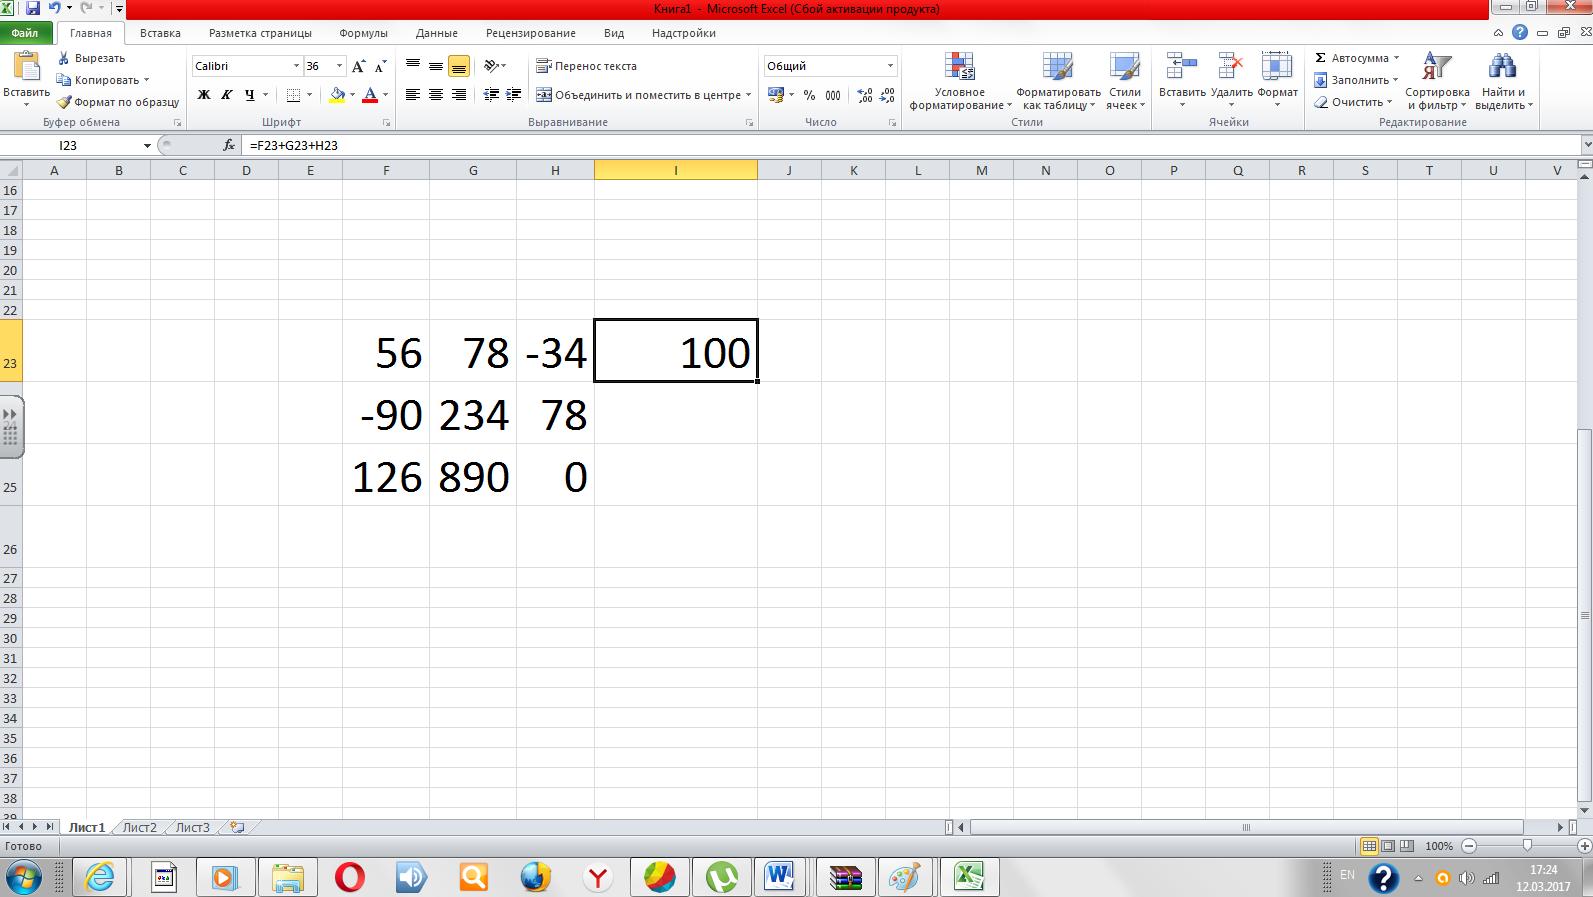 Как сделать в excel таблицу с формулами в 895